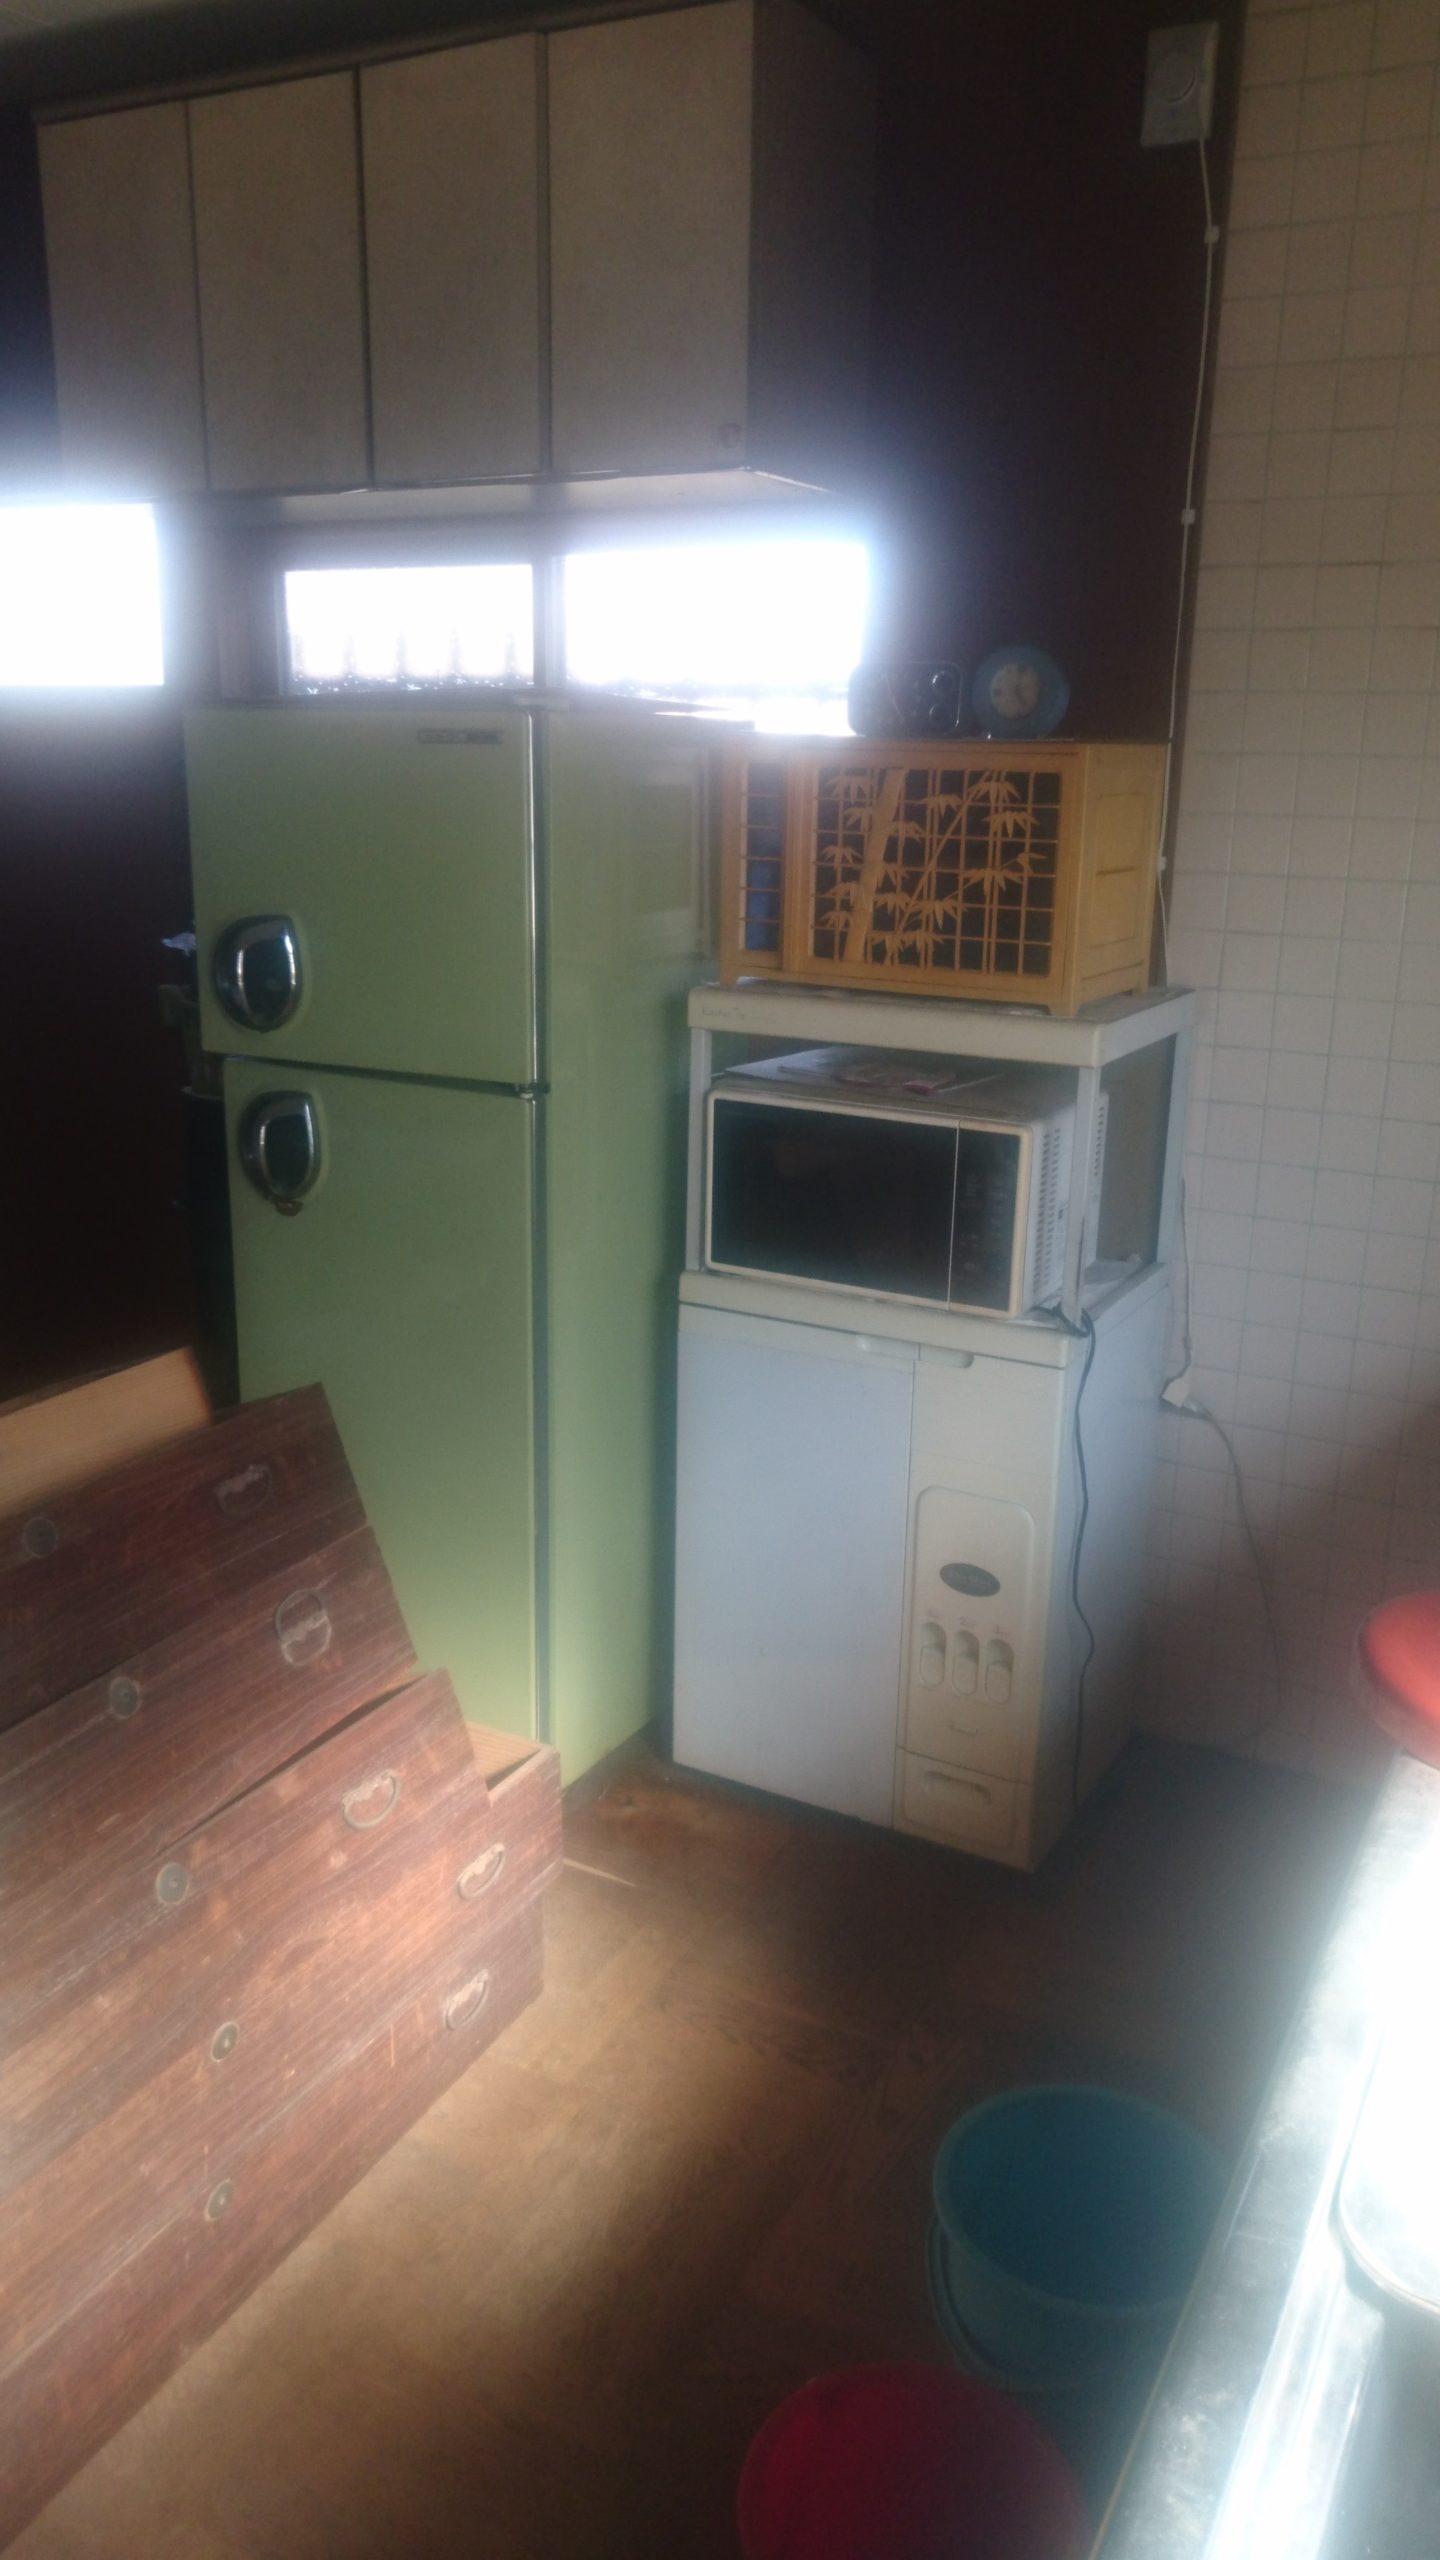 【愛知県名古屋市中村区】冷蔵庫やレンジ台の回収